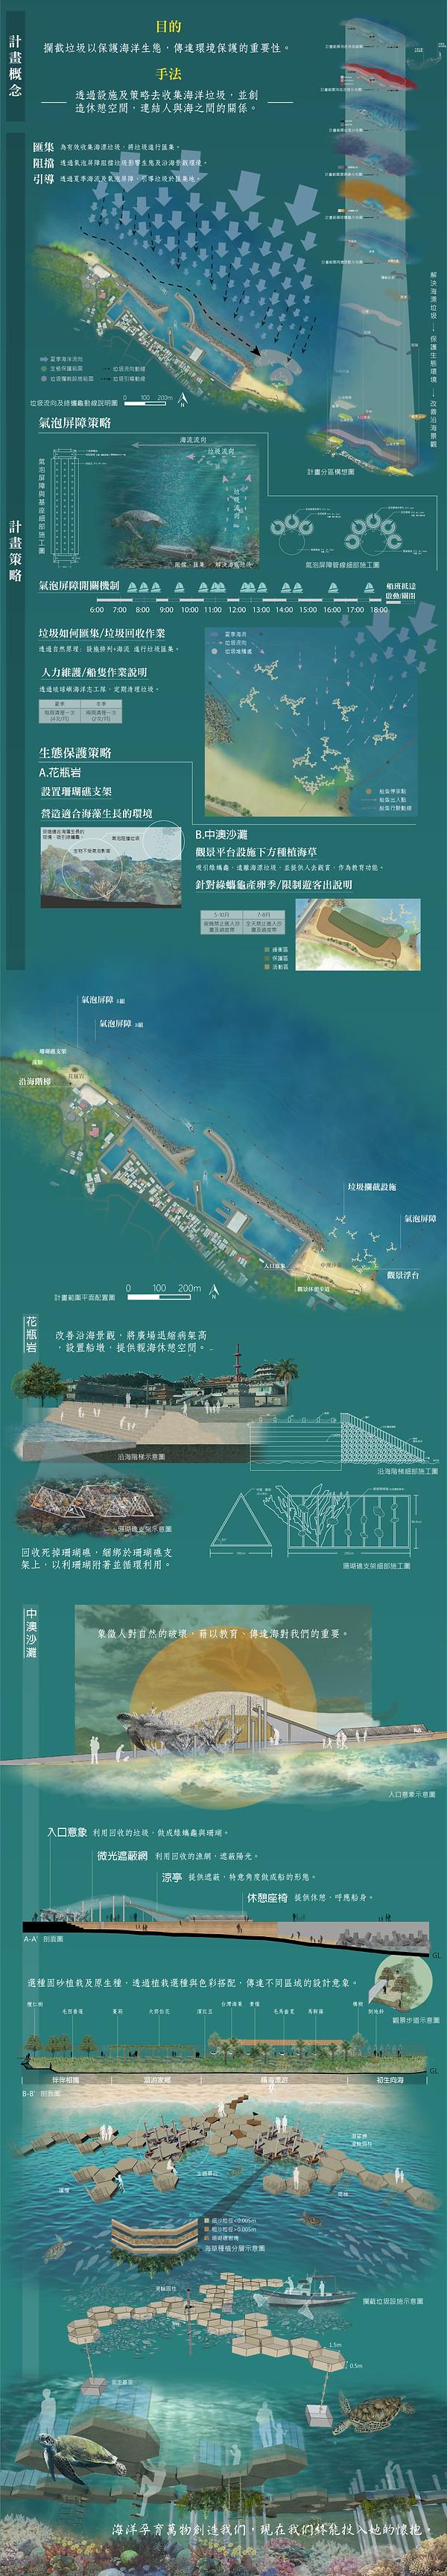 Reviving Island-作品內容2.jpg